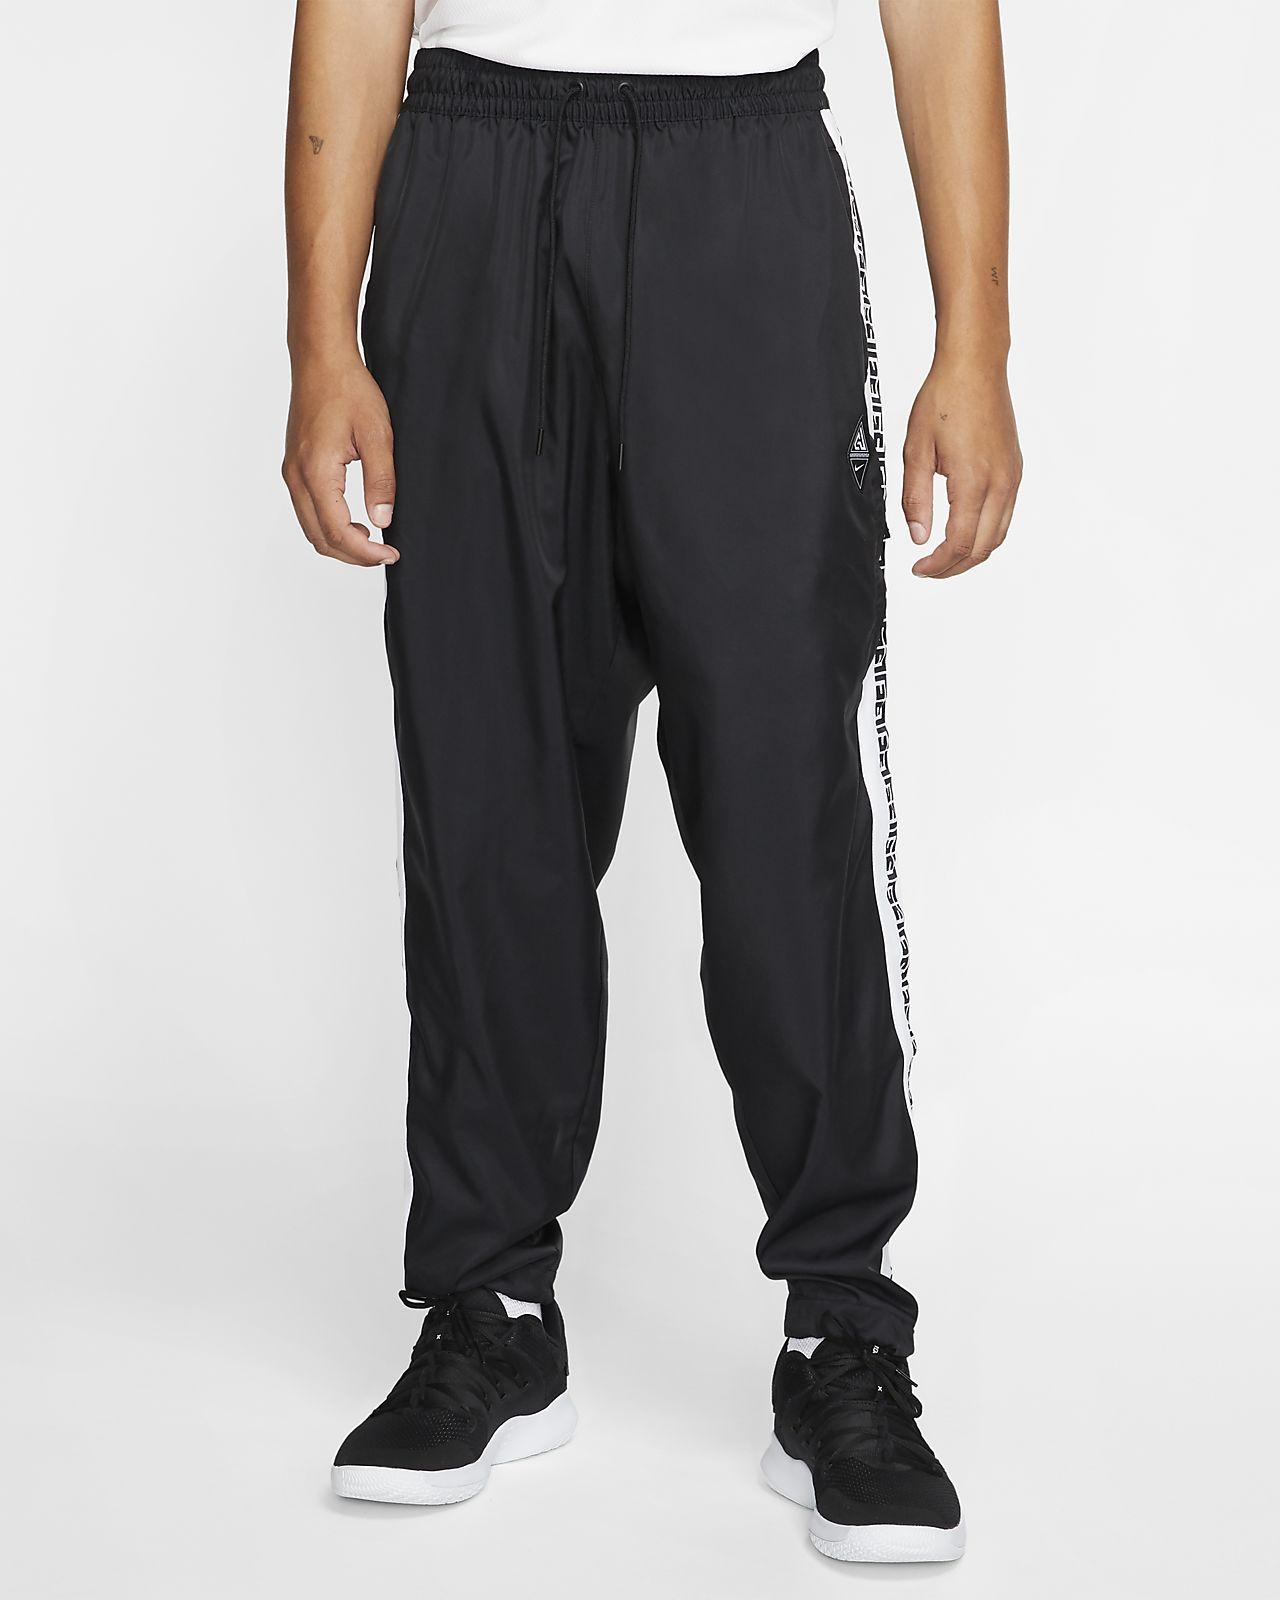 Pánské basketbalové kalhoty Giannis s logem